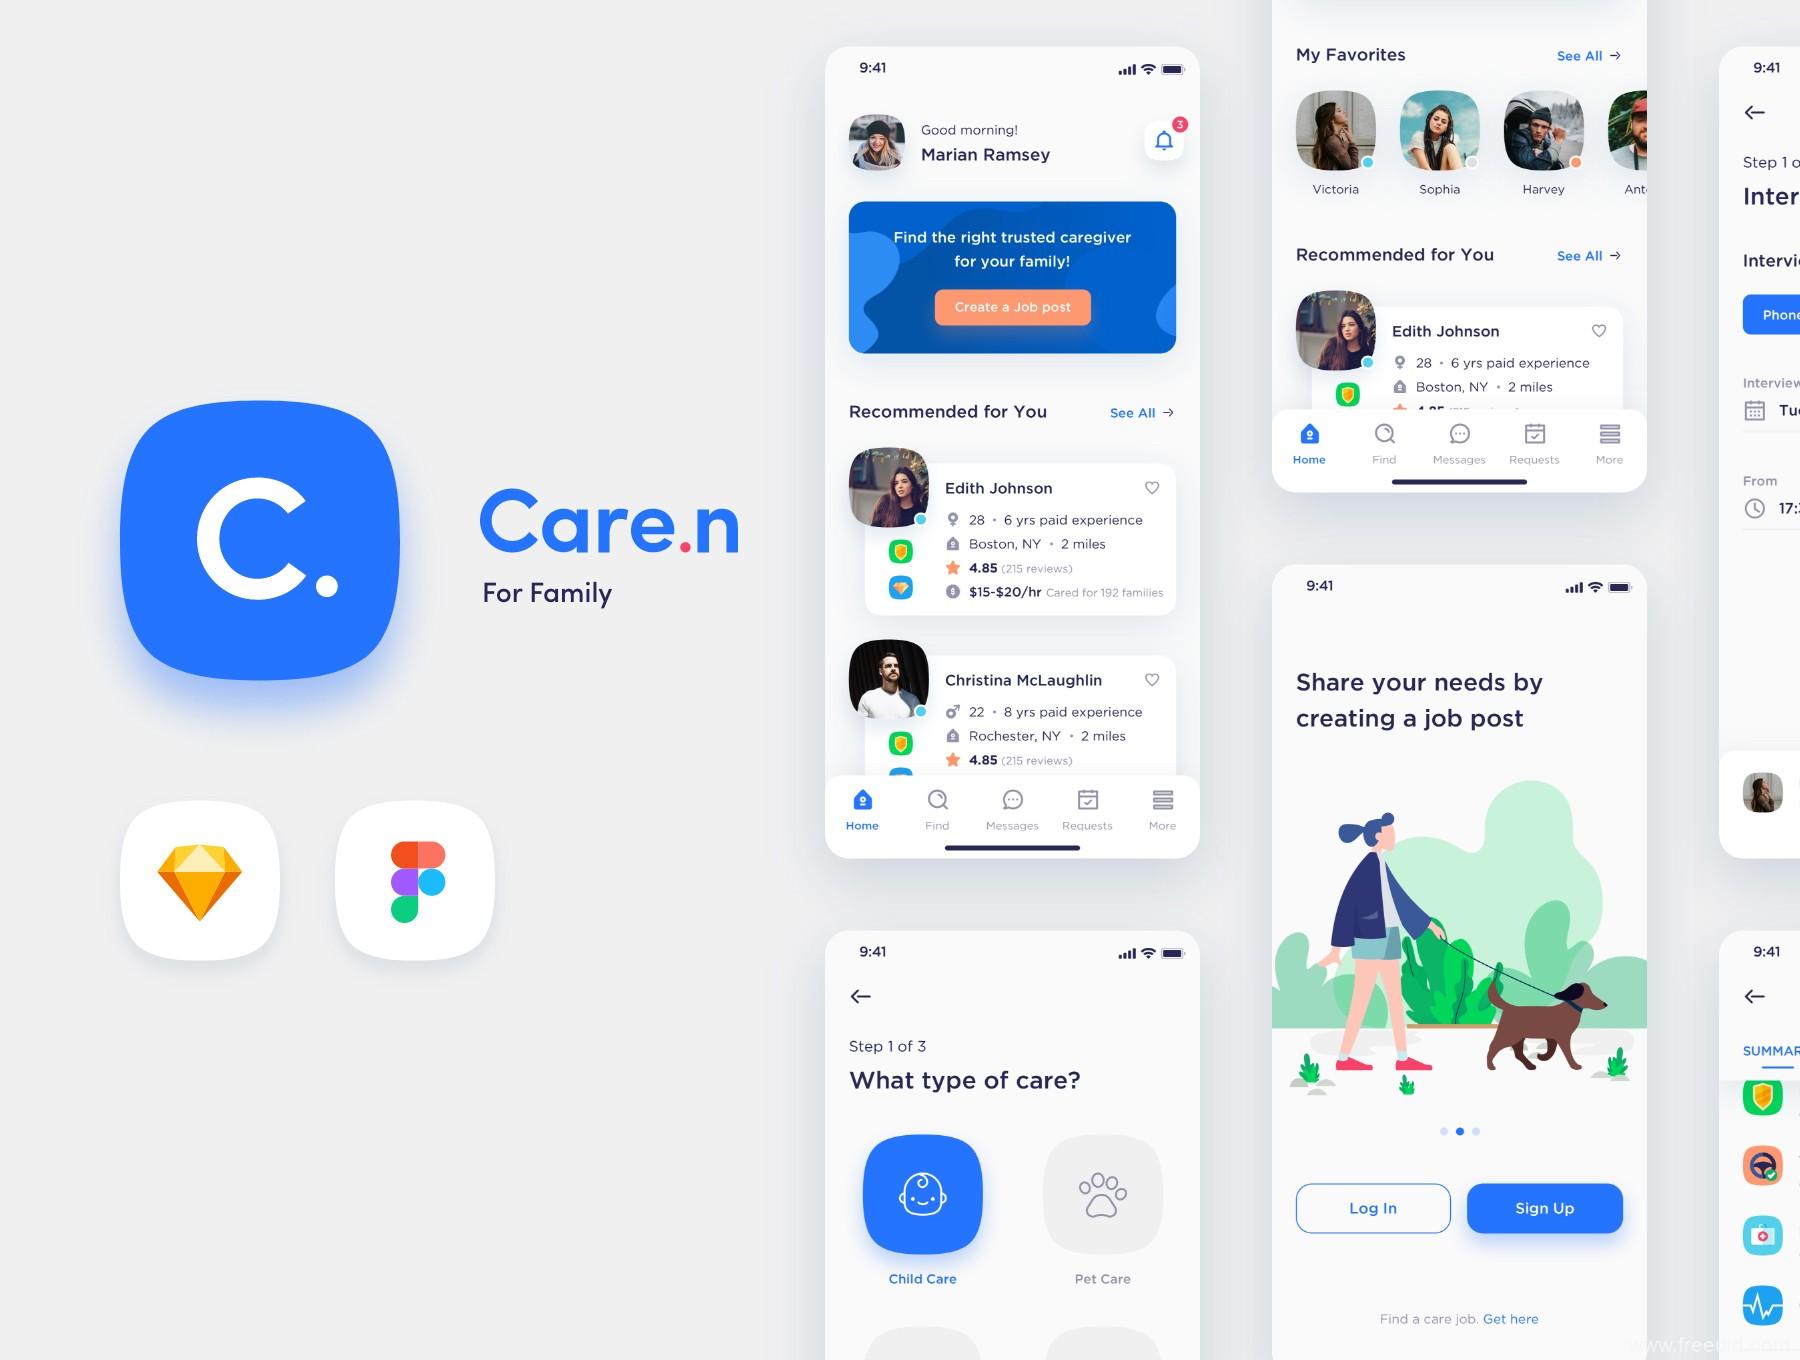 一套个性鲜明的社区护工平台app ui源文件下载,社区招聘app ui素材资源sketch源文件下载